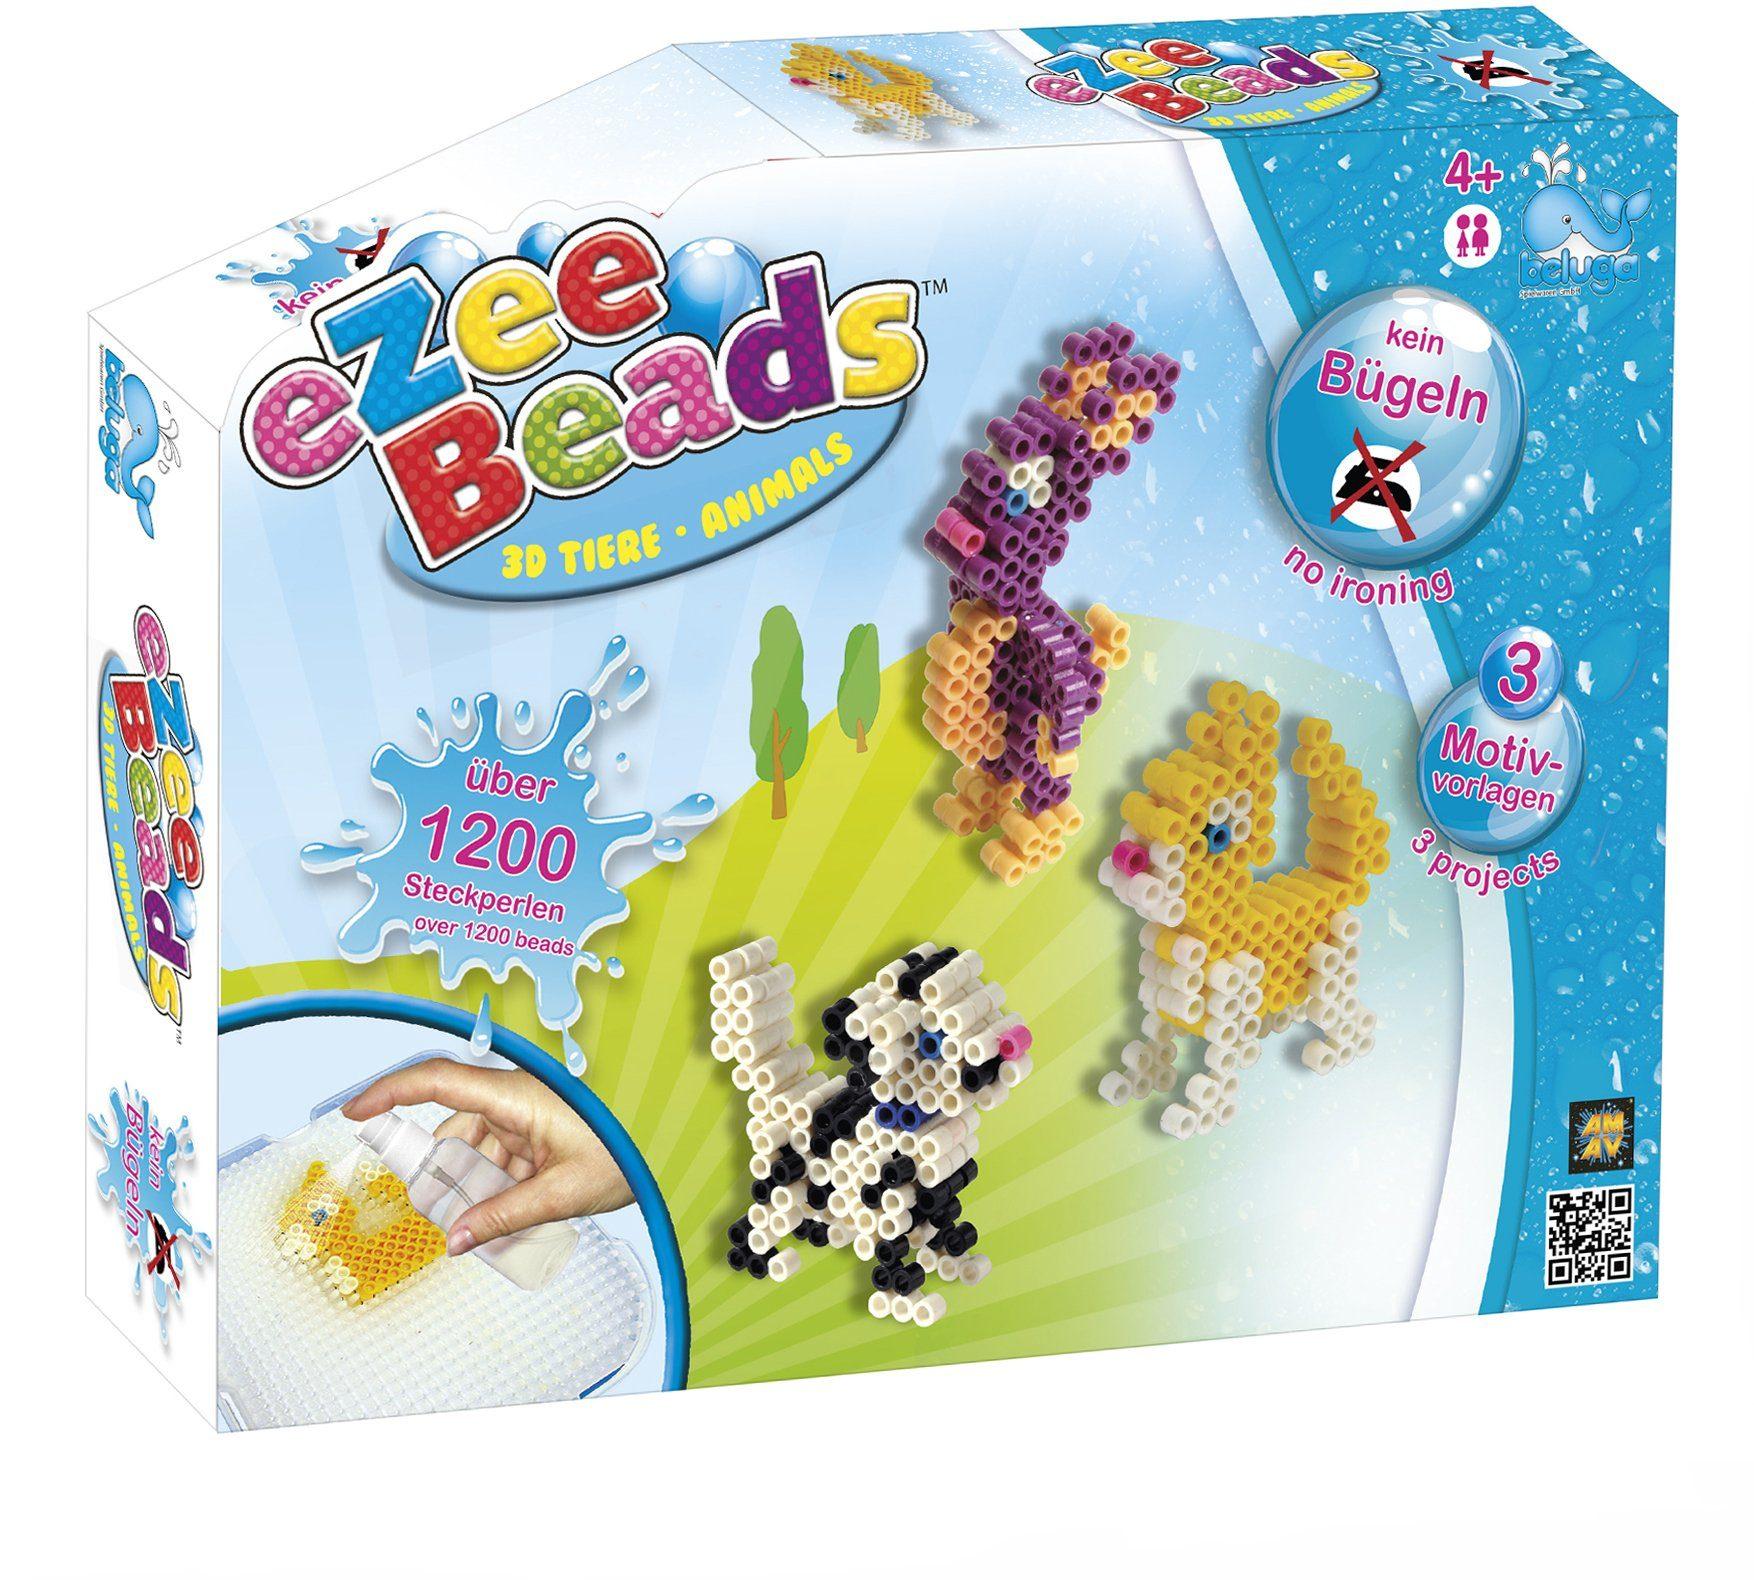 Beluga Steckperlen Set, »eZee Beads 3D Tiere«